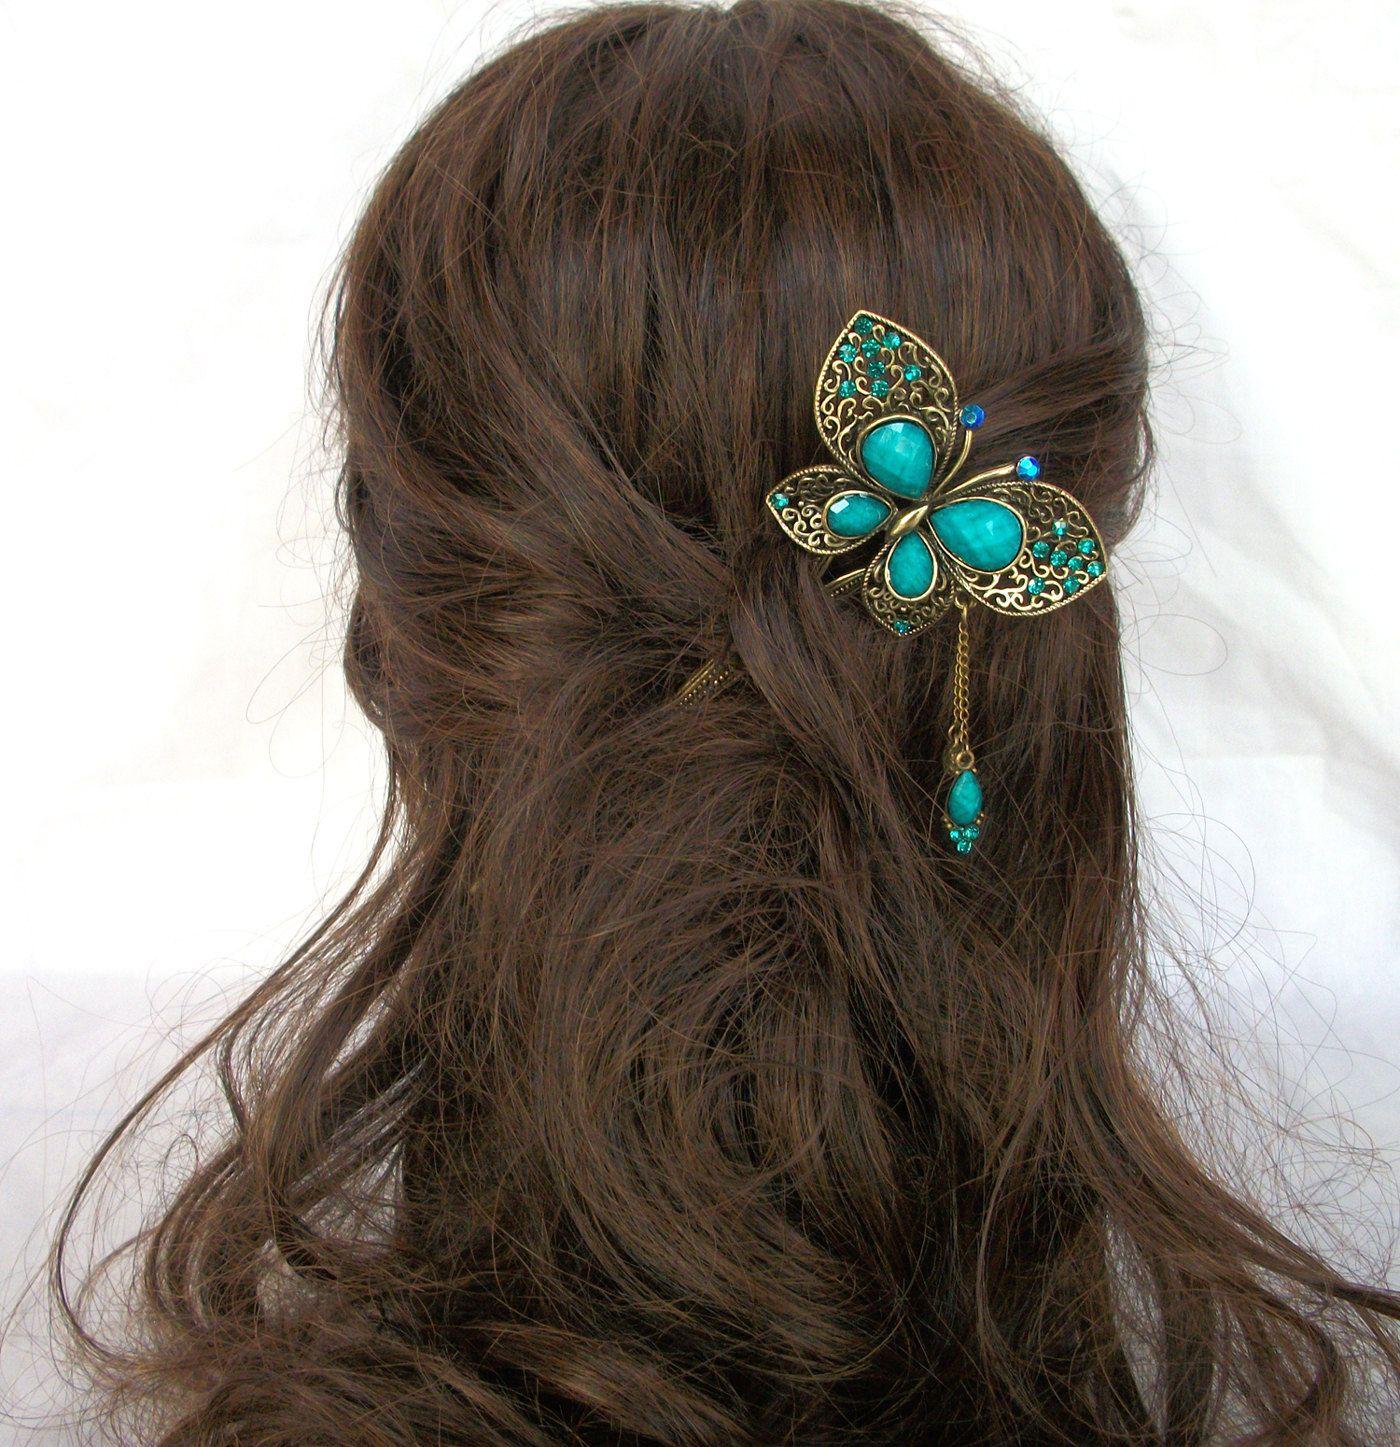 oriental vintage hair sticks hair pin bridal headpieces